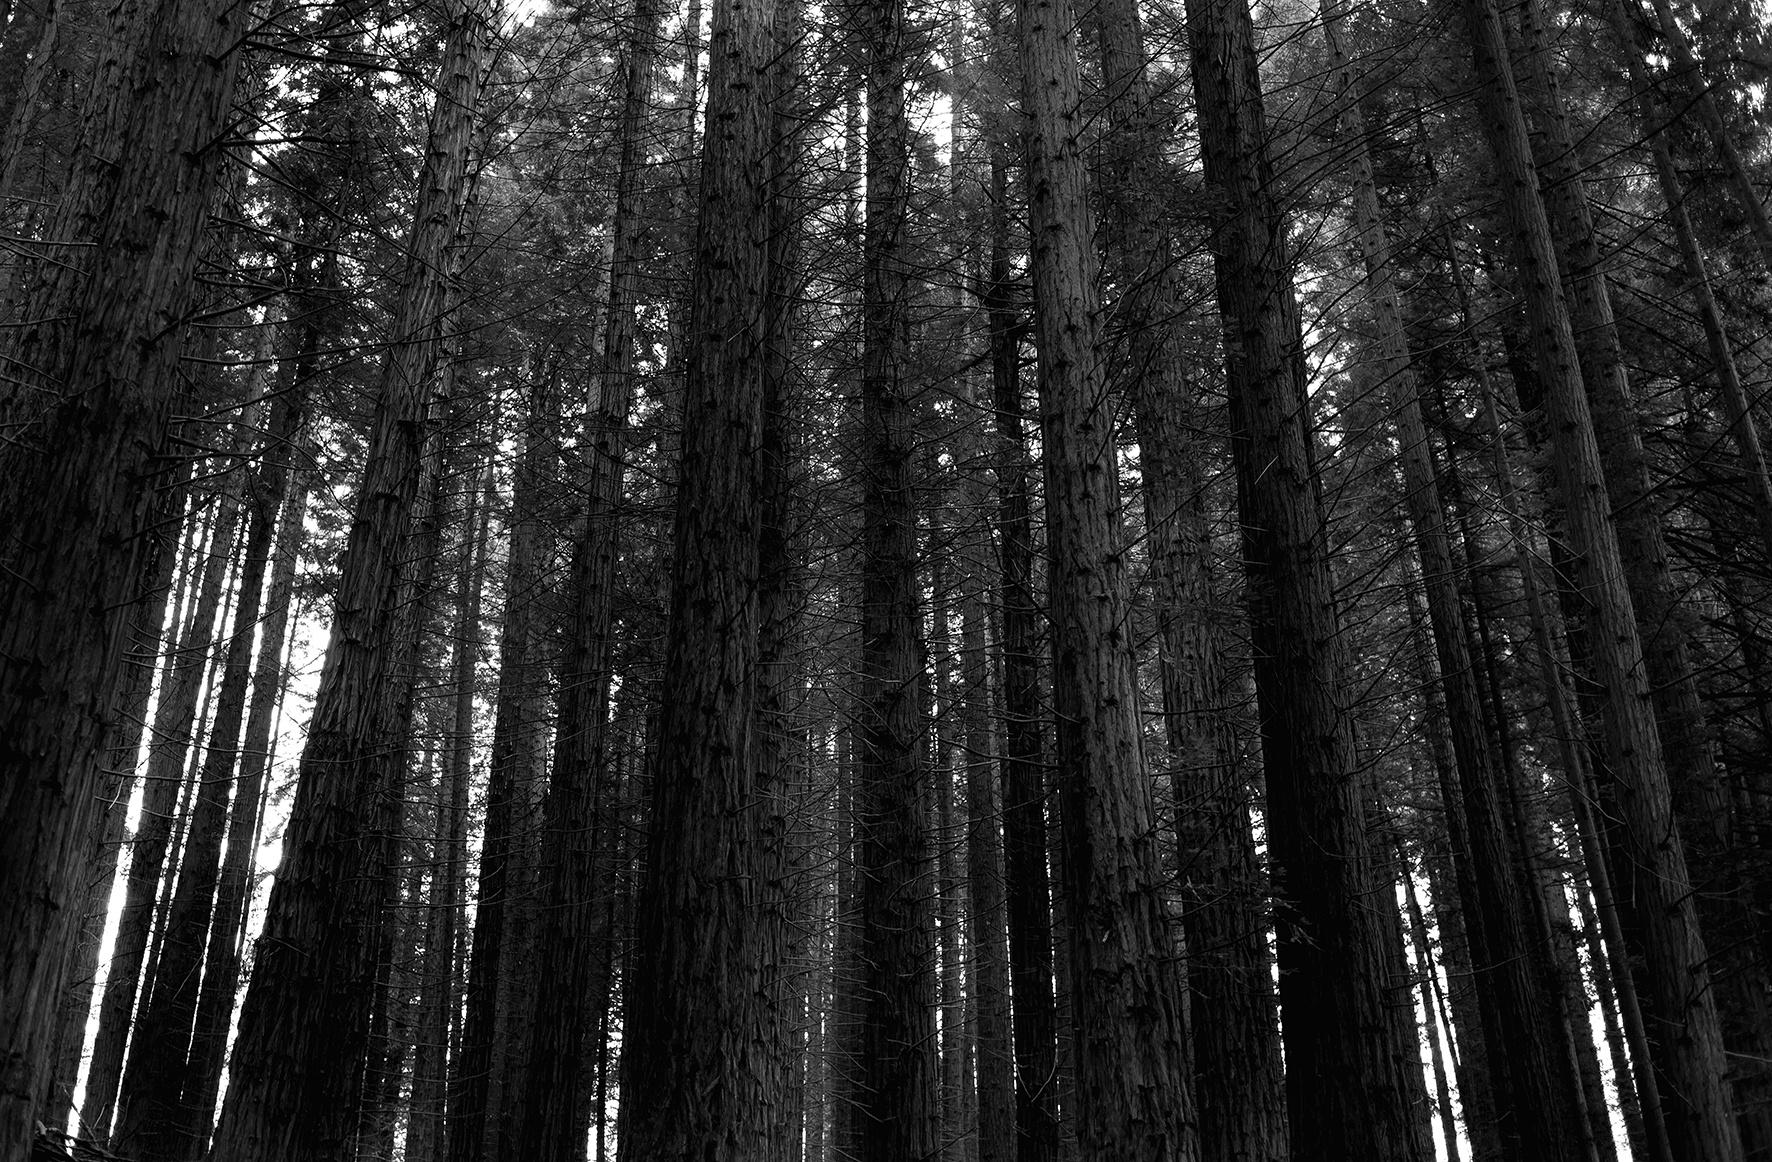 Secuoyas, bosque transformado por el régimen, 2018 - Niebla (2018) - Ana Frechilla, proyecto fotográfico